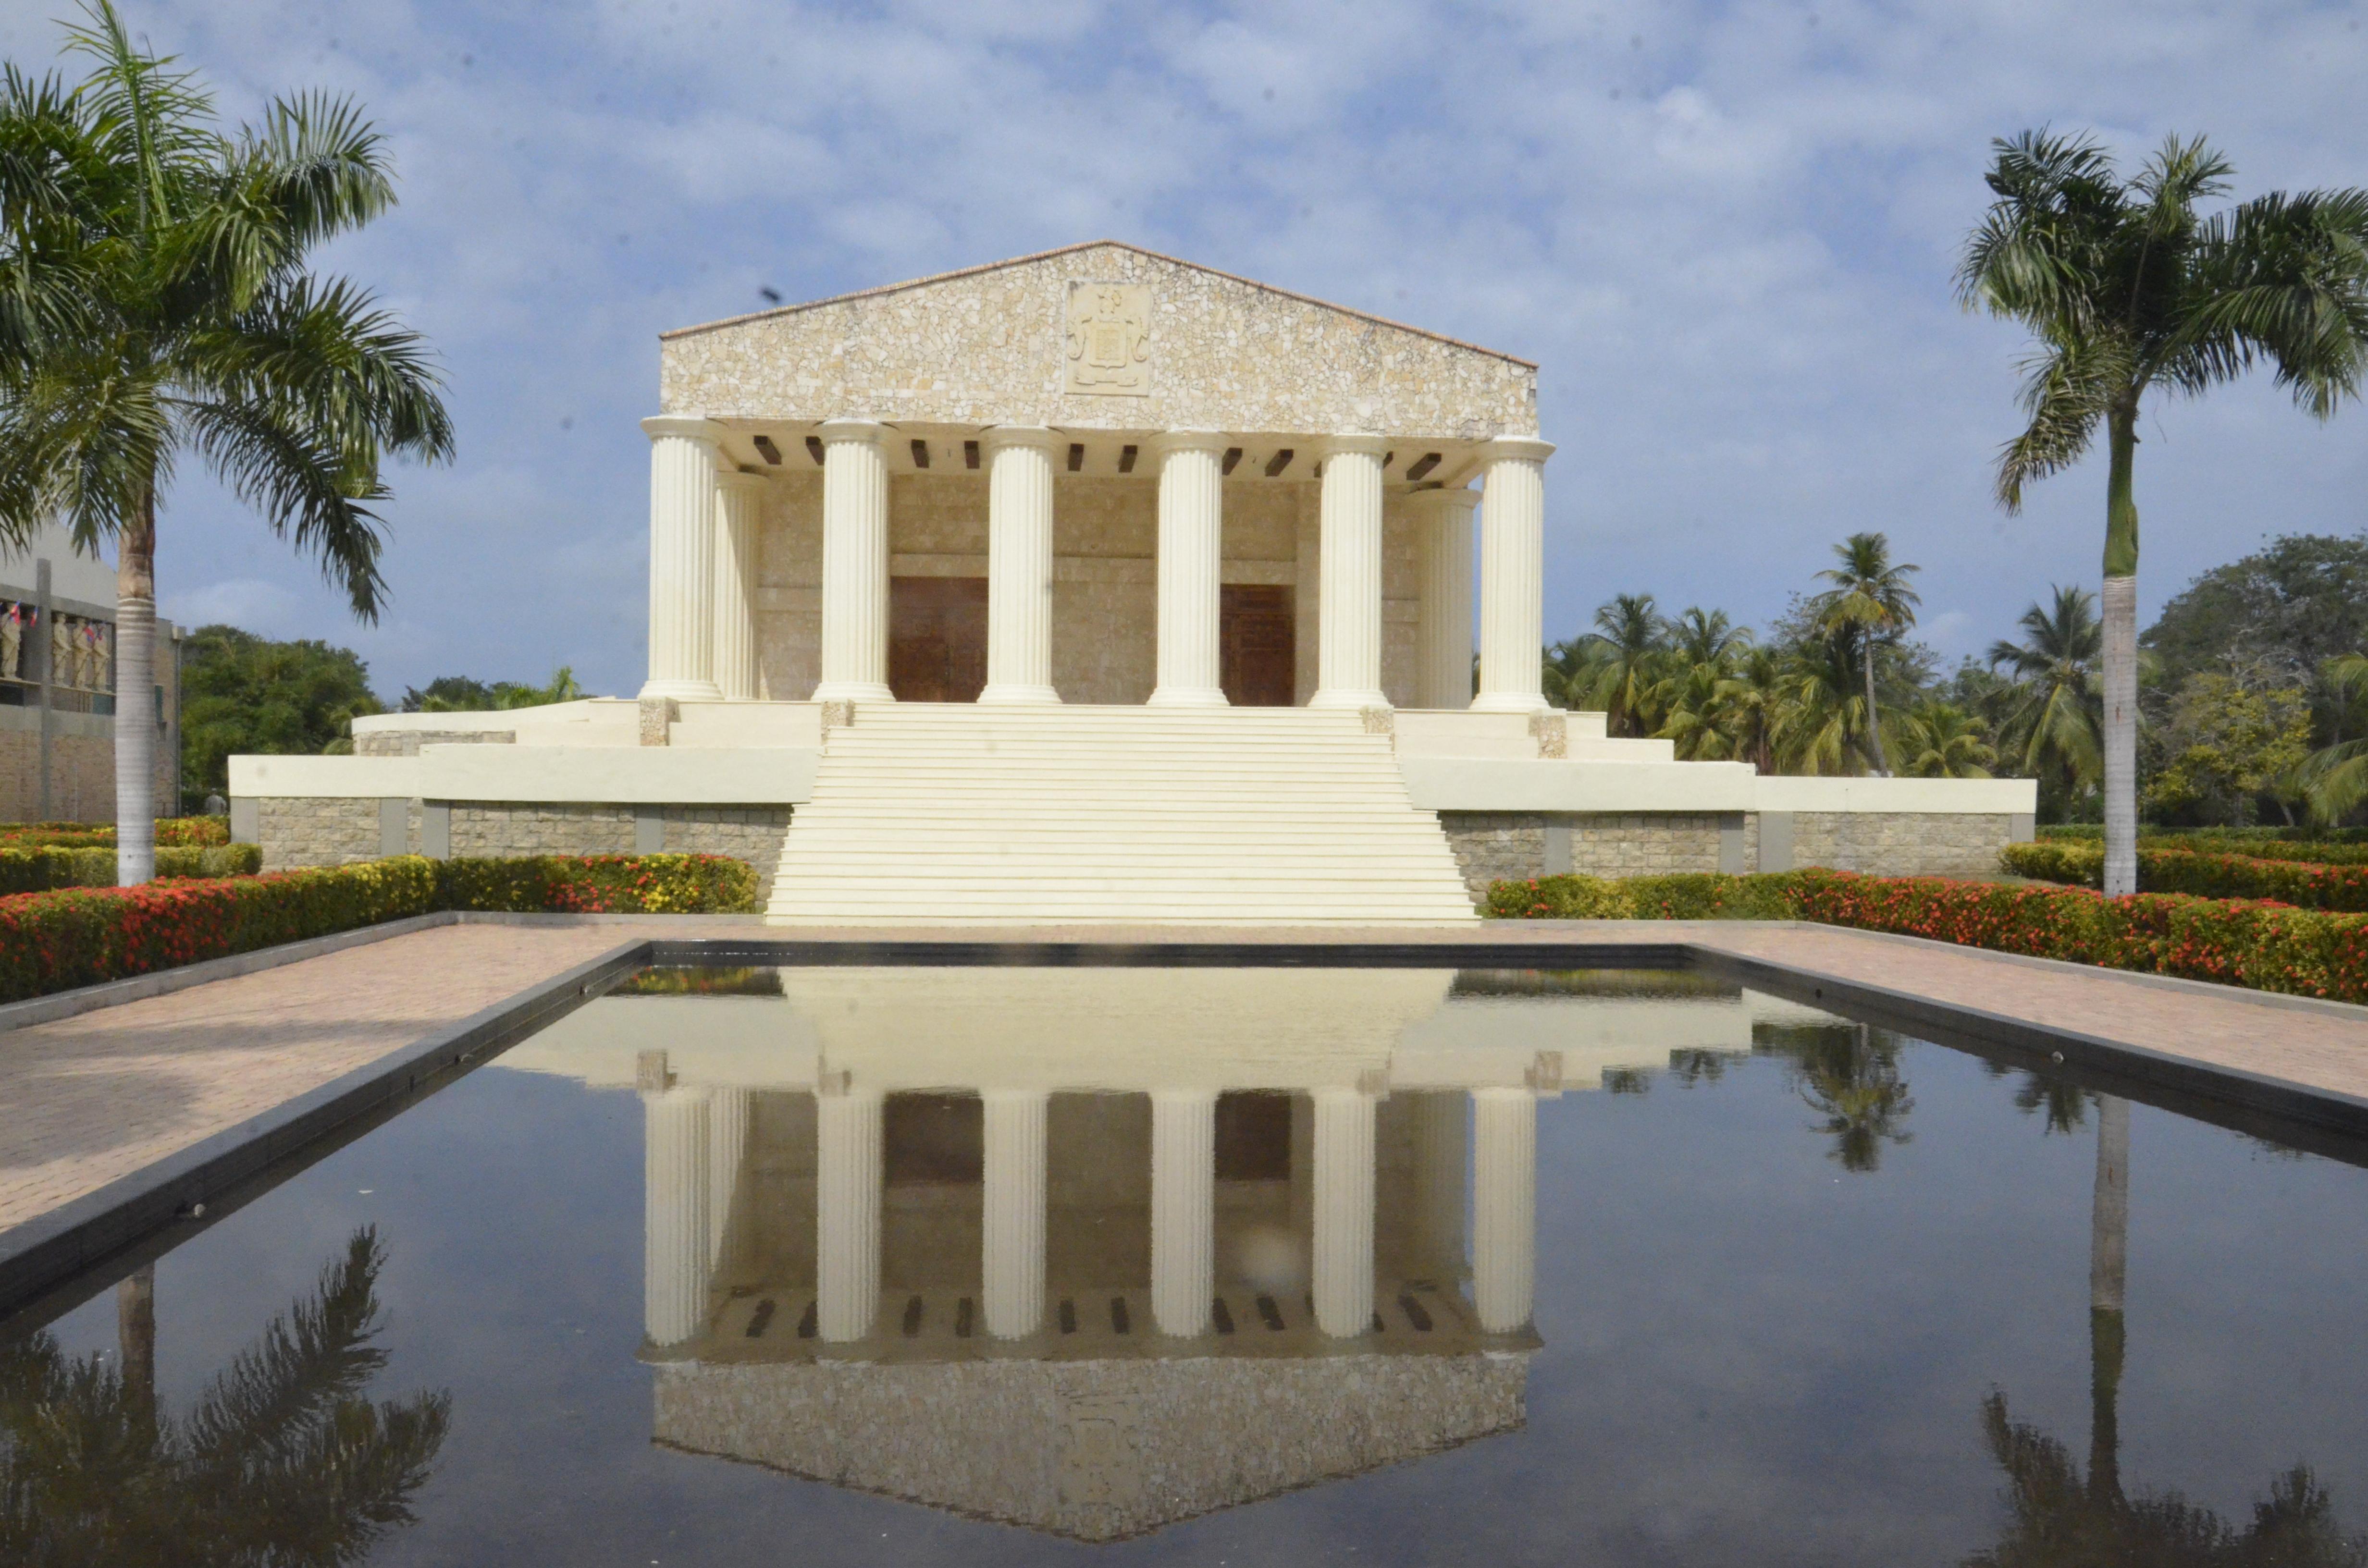 El Museo Antiguo emula a un palacio griego.